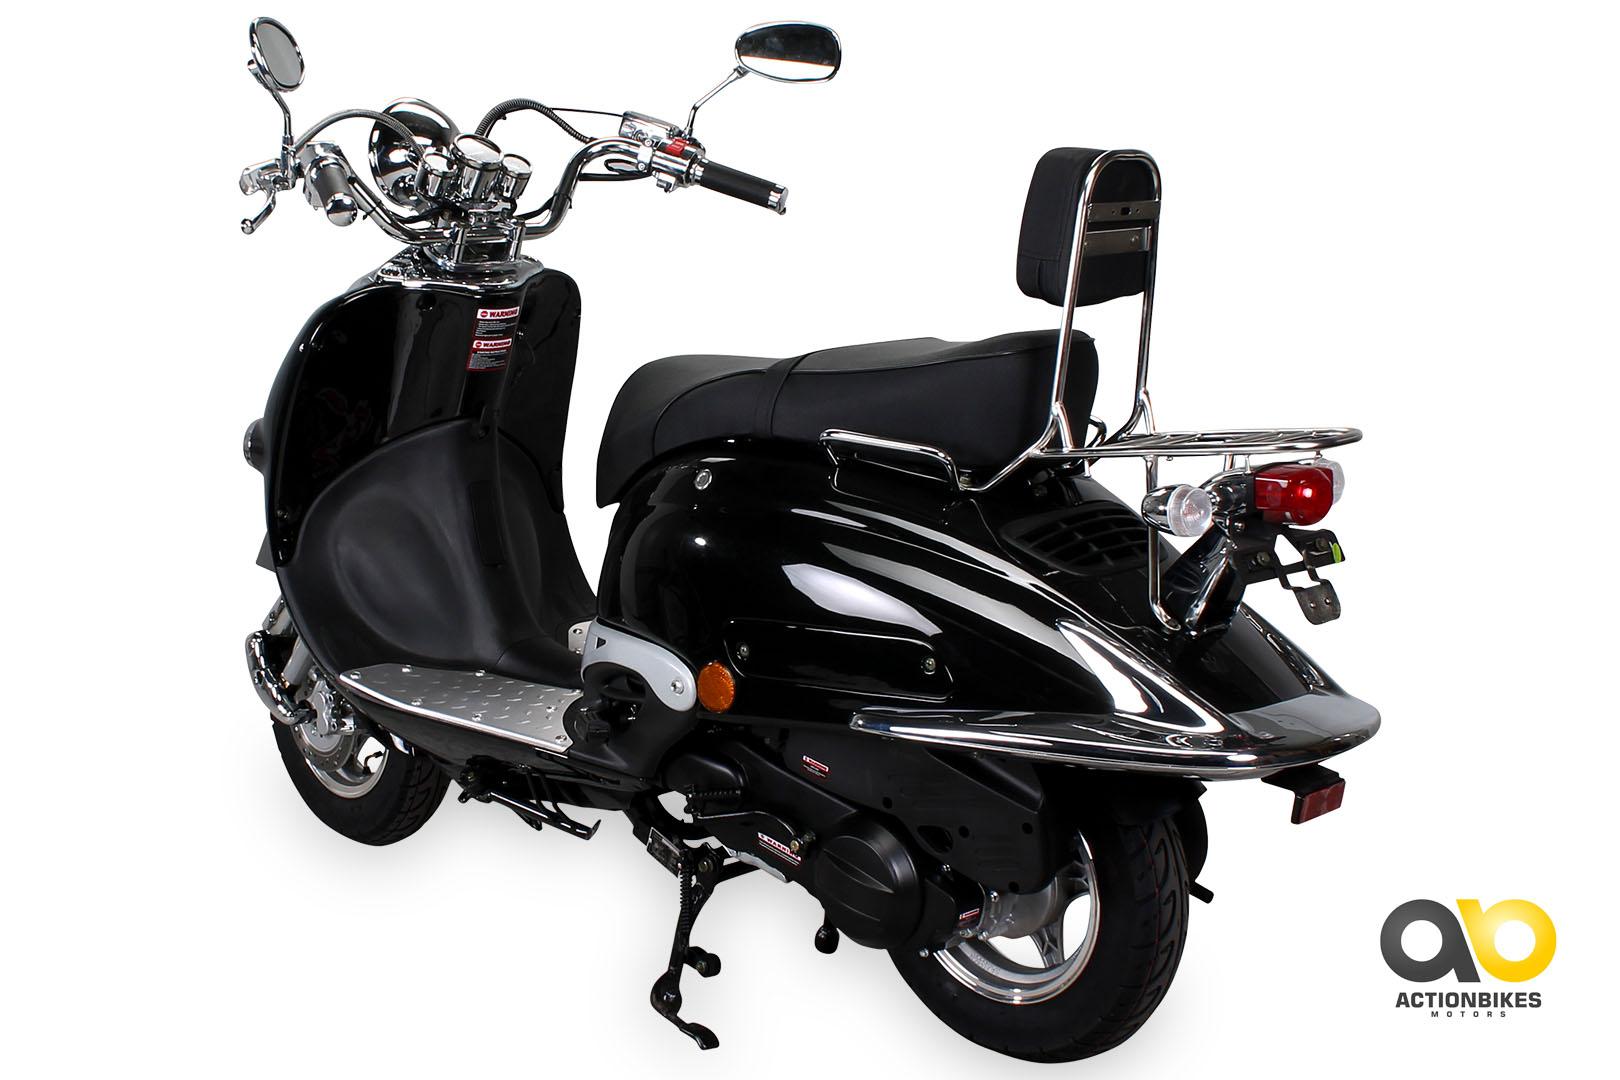 znen retro roller zn125 h motorroller 125 cc retroroller scooter 125ccm ebay. Black Bedroom Furniture Sets. Home Design Ideas